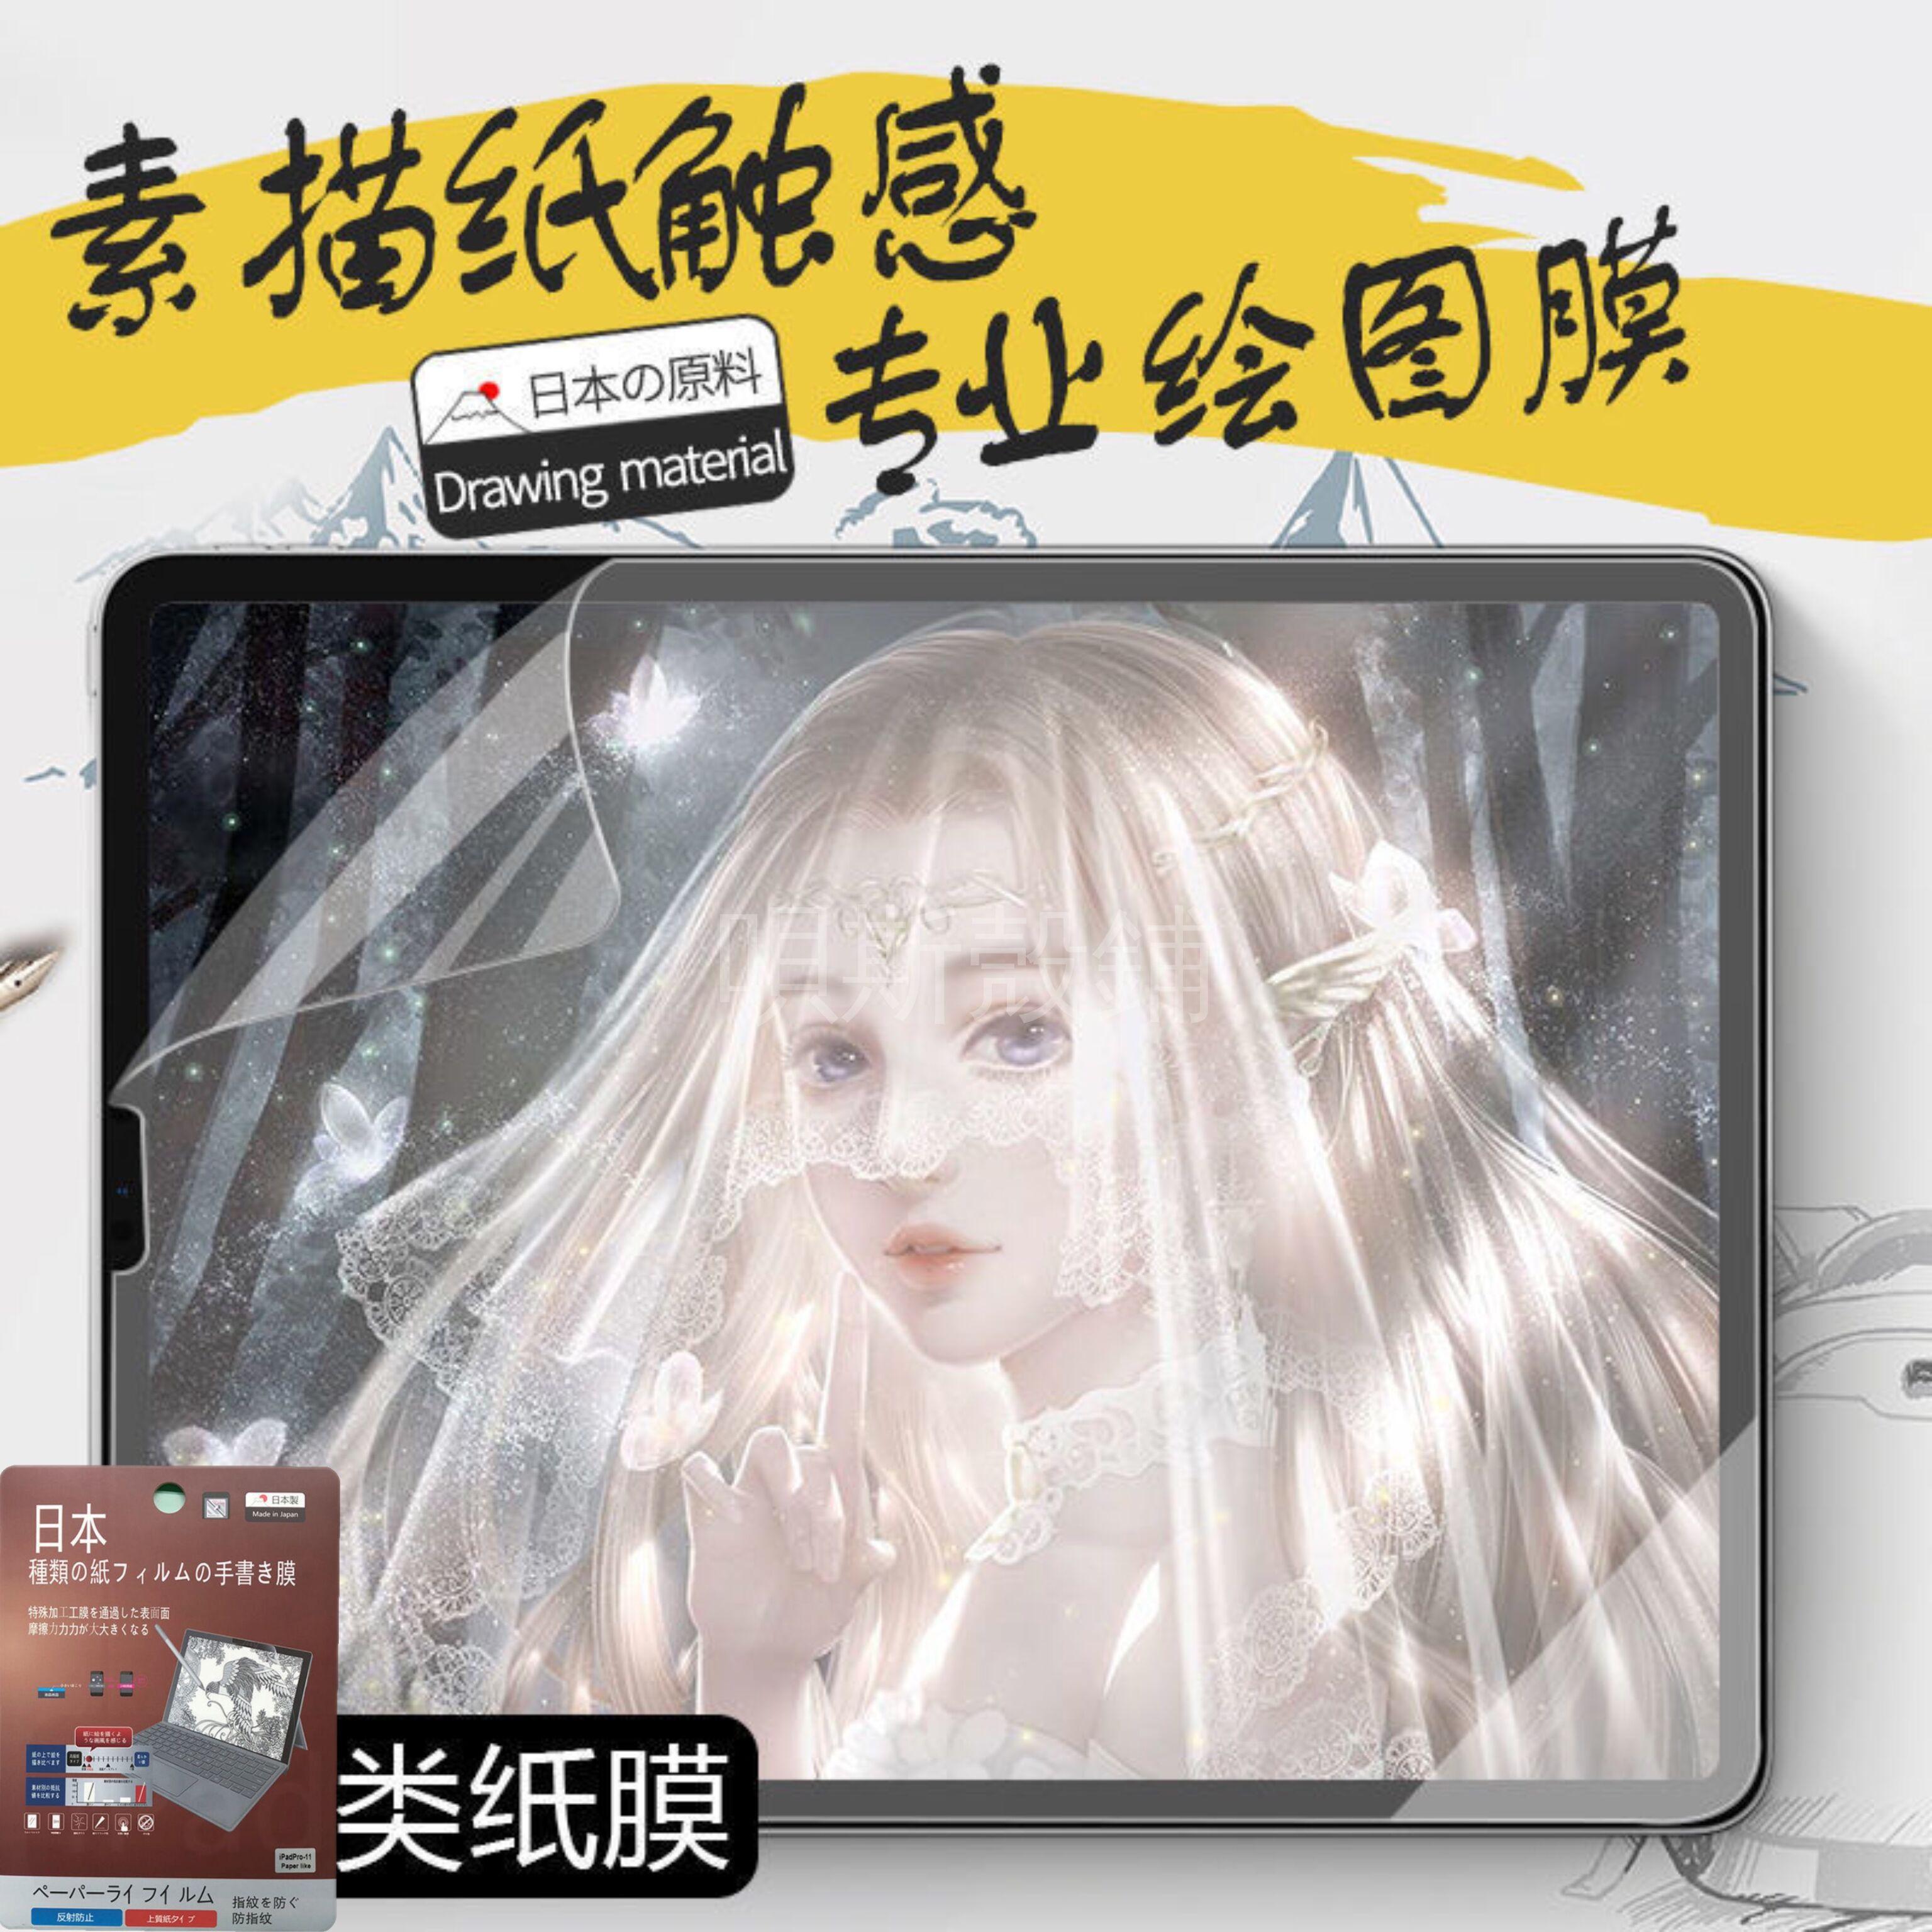 日本原料 類紙膜 三星 Galaxy Tab S3 S4 T830 T820 9.7英吋 書寫膜繪畫膜 手寫膜軟膜保護貼